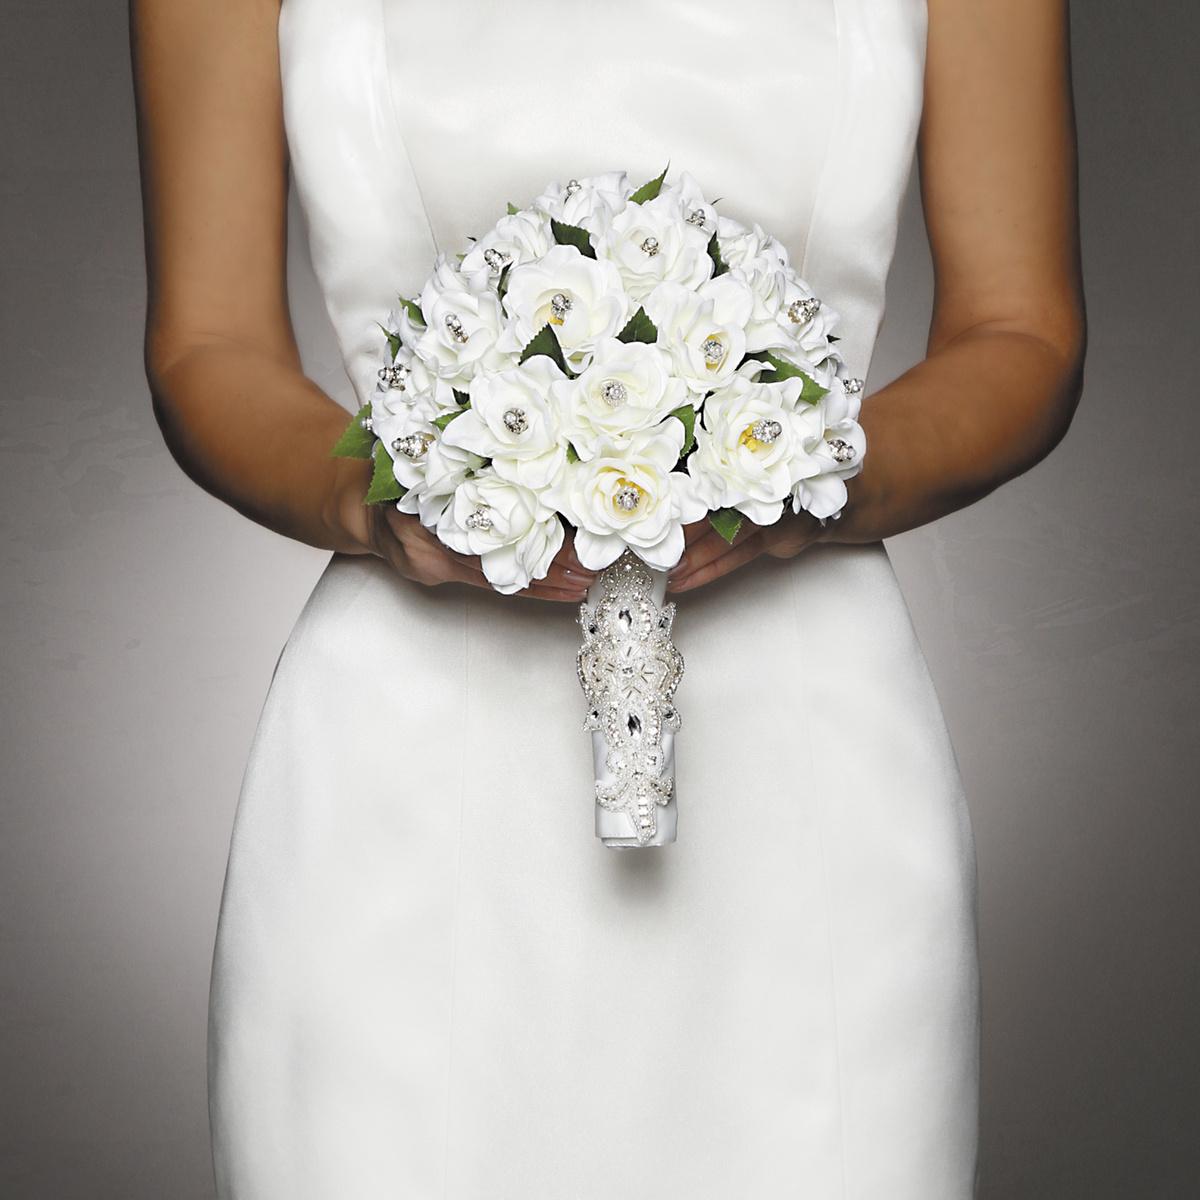 David Tutera Applique Accent Bouquet Wrap   JOANN